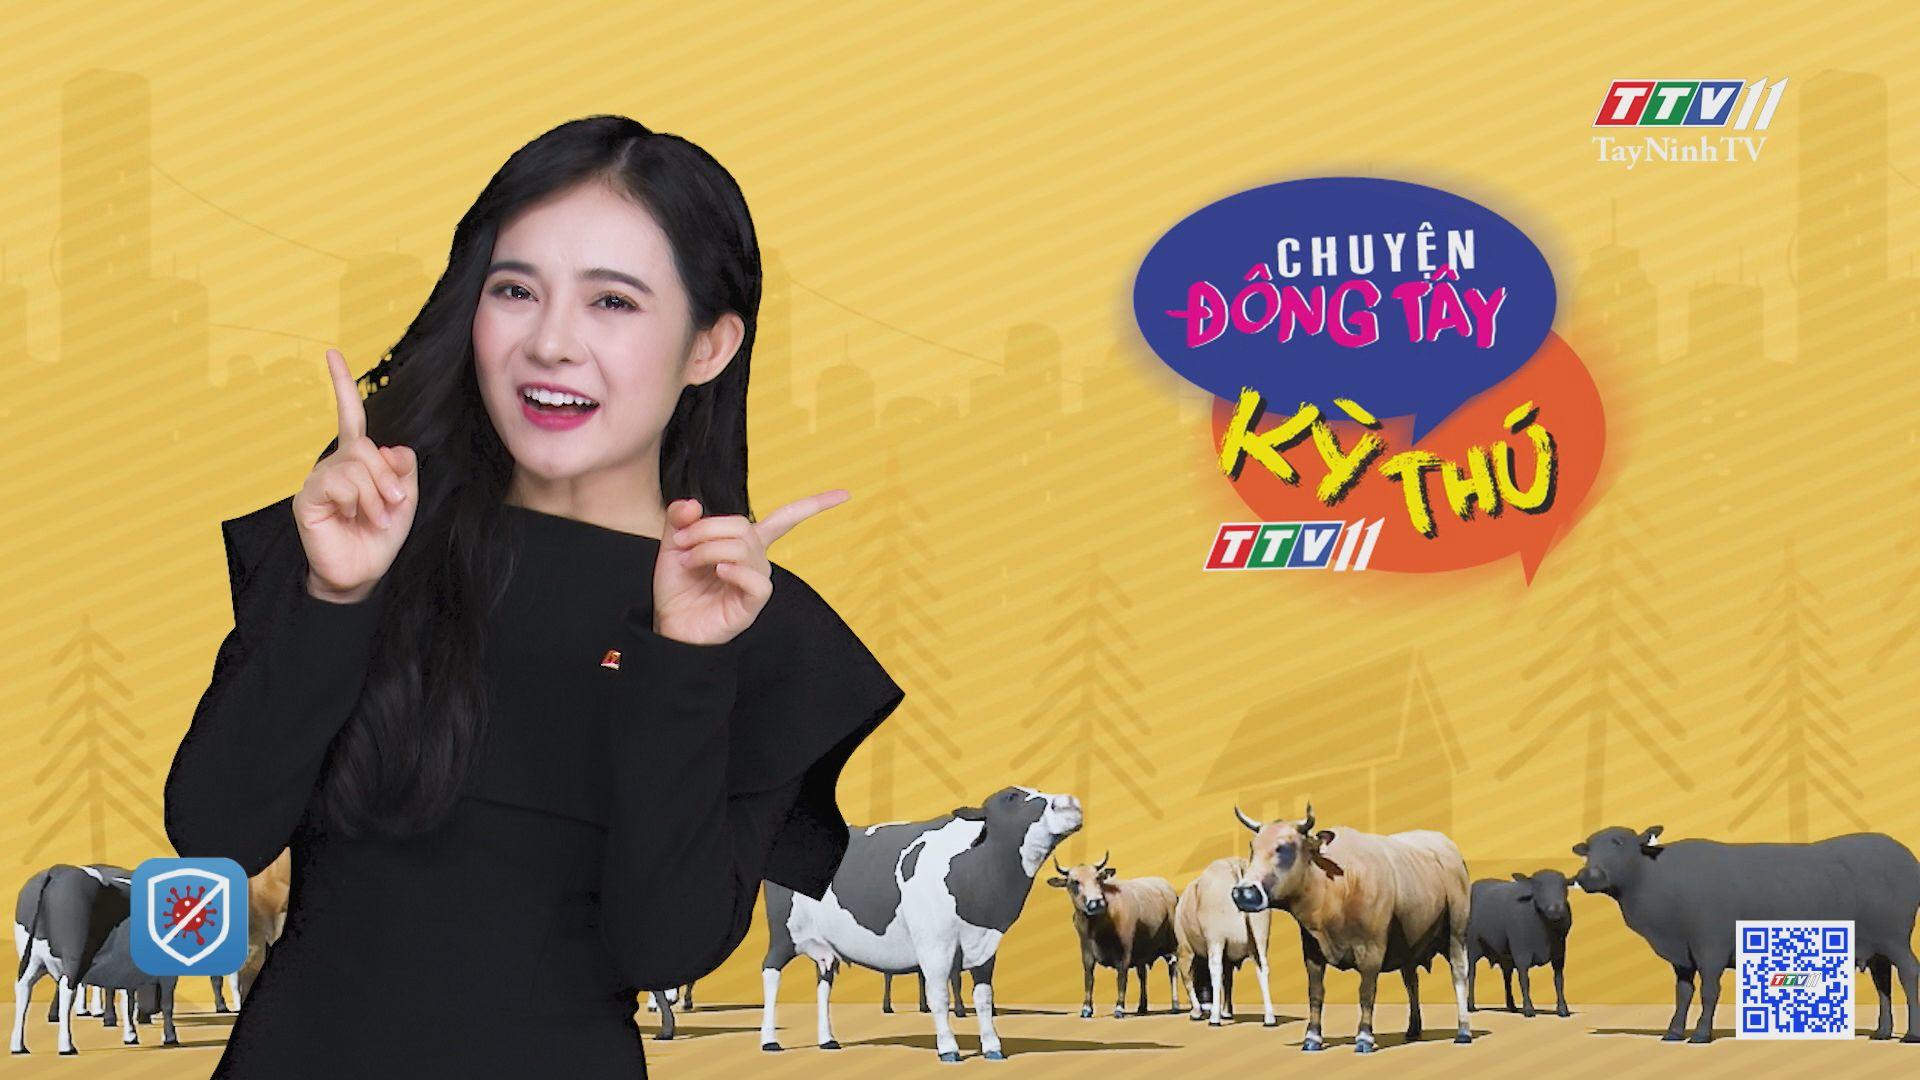 Chú nghé với 2 đầu và 3 con mắt | CHUYỆN ĐỘNG TÂY KỲ THÚ | TayNinhTV